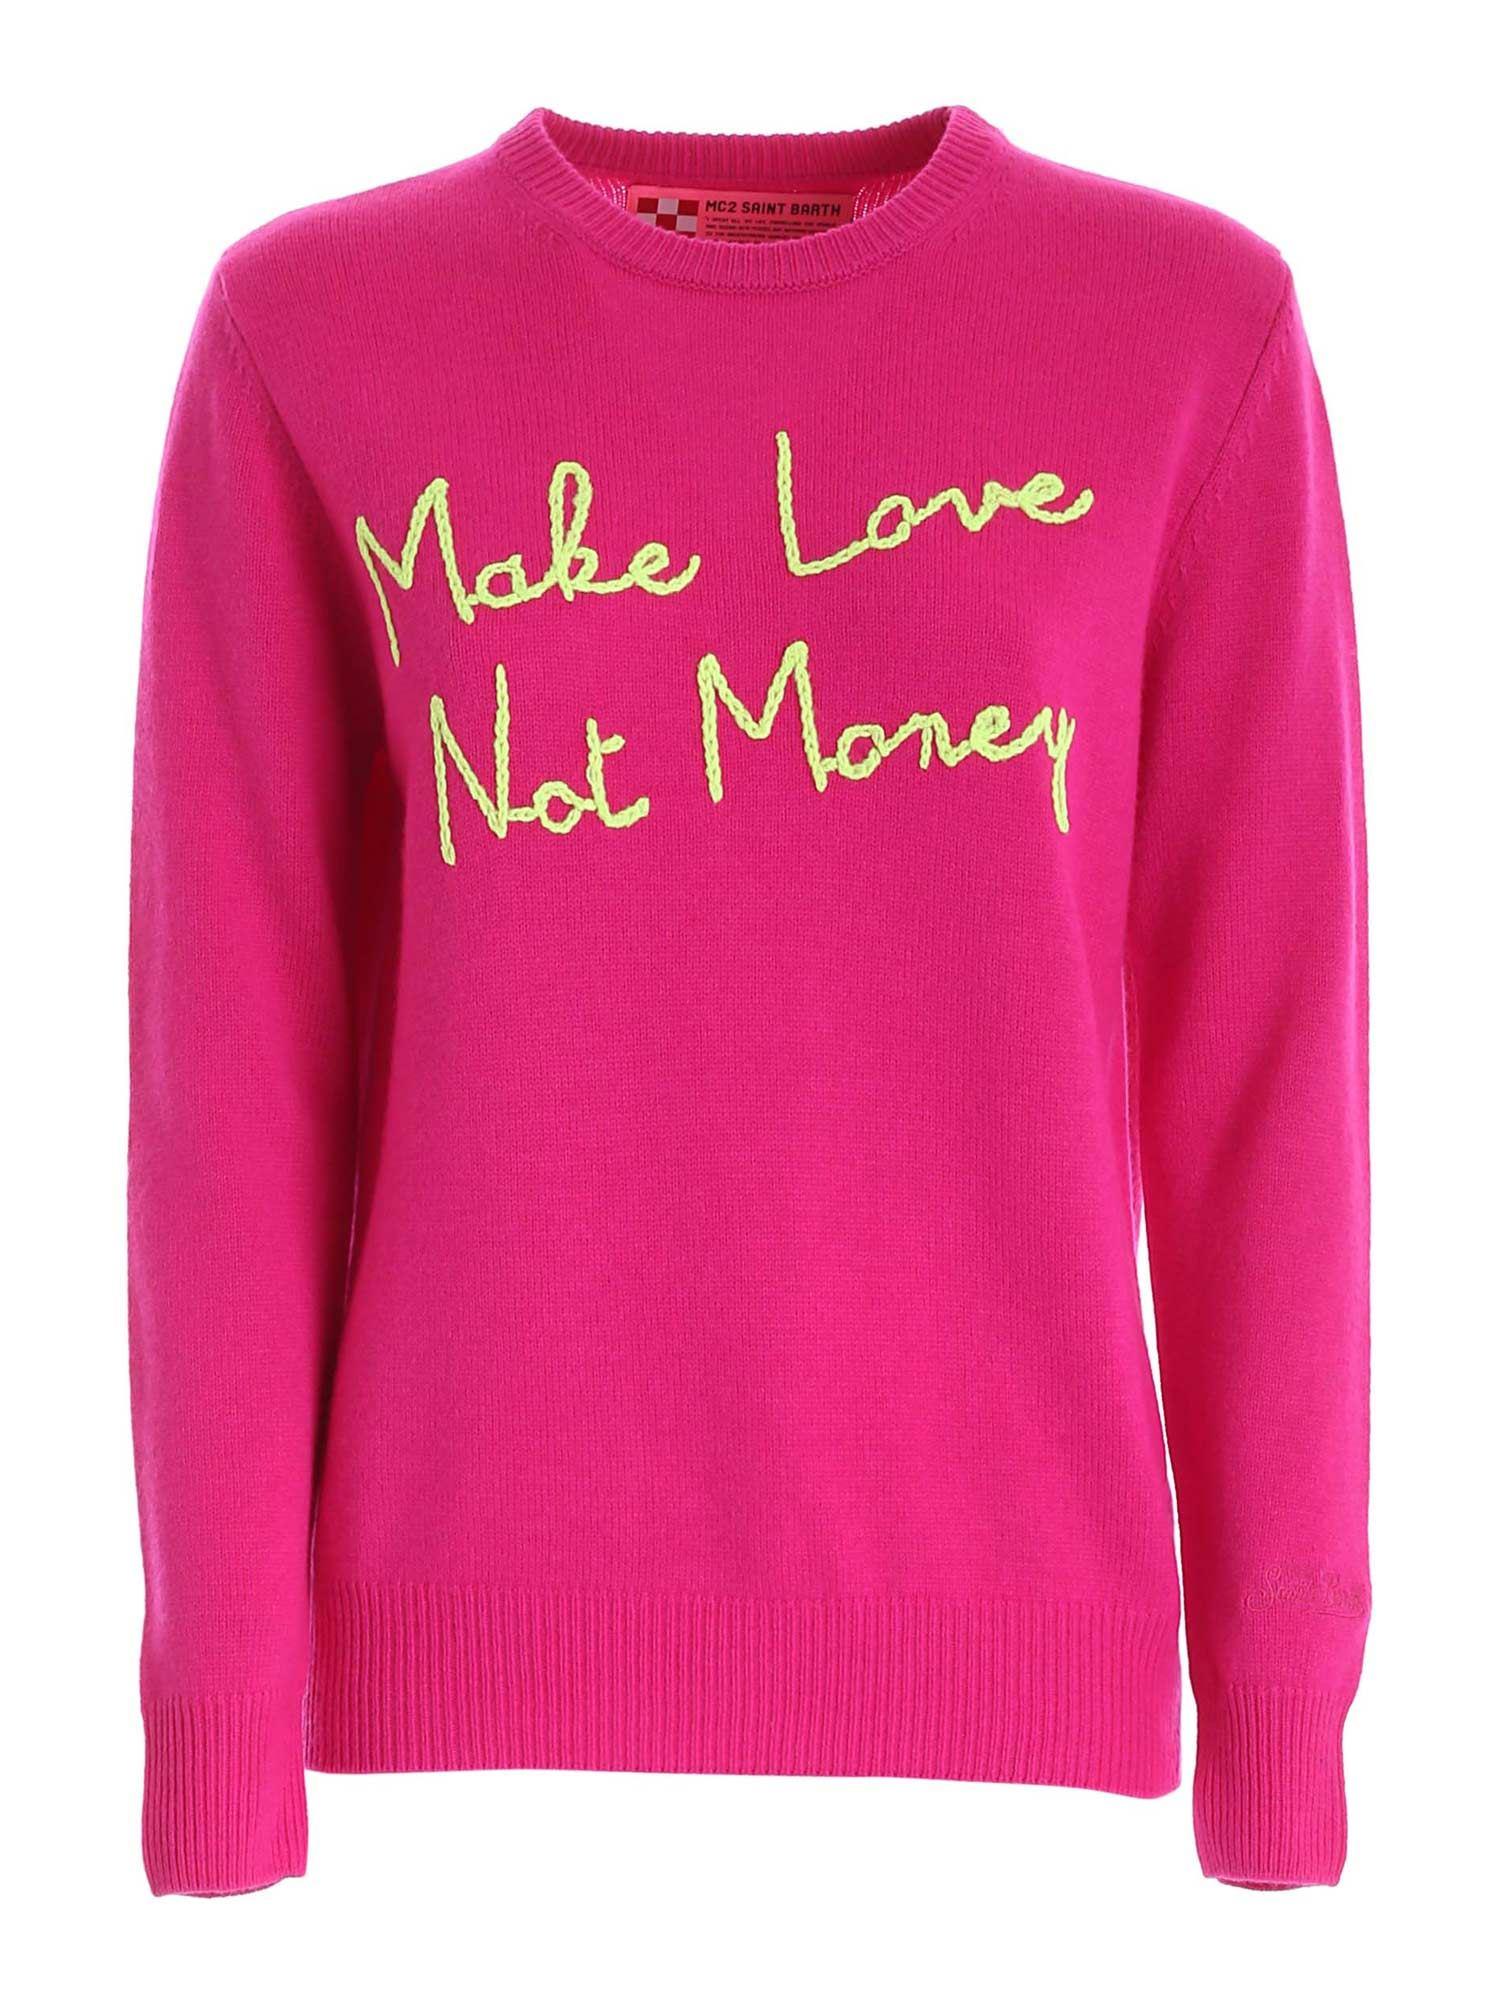 PULLOVER FUCSIA RICAMO MAKE LOVE NOT MONEY QUEENEBML79 MC2 SAINT BARTH | -1384759495 | QUEENEBML79